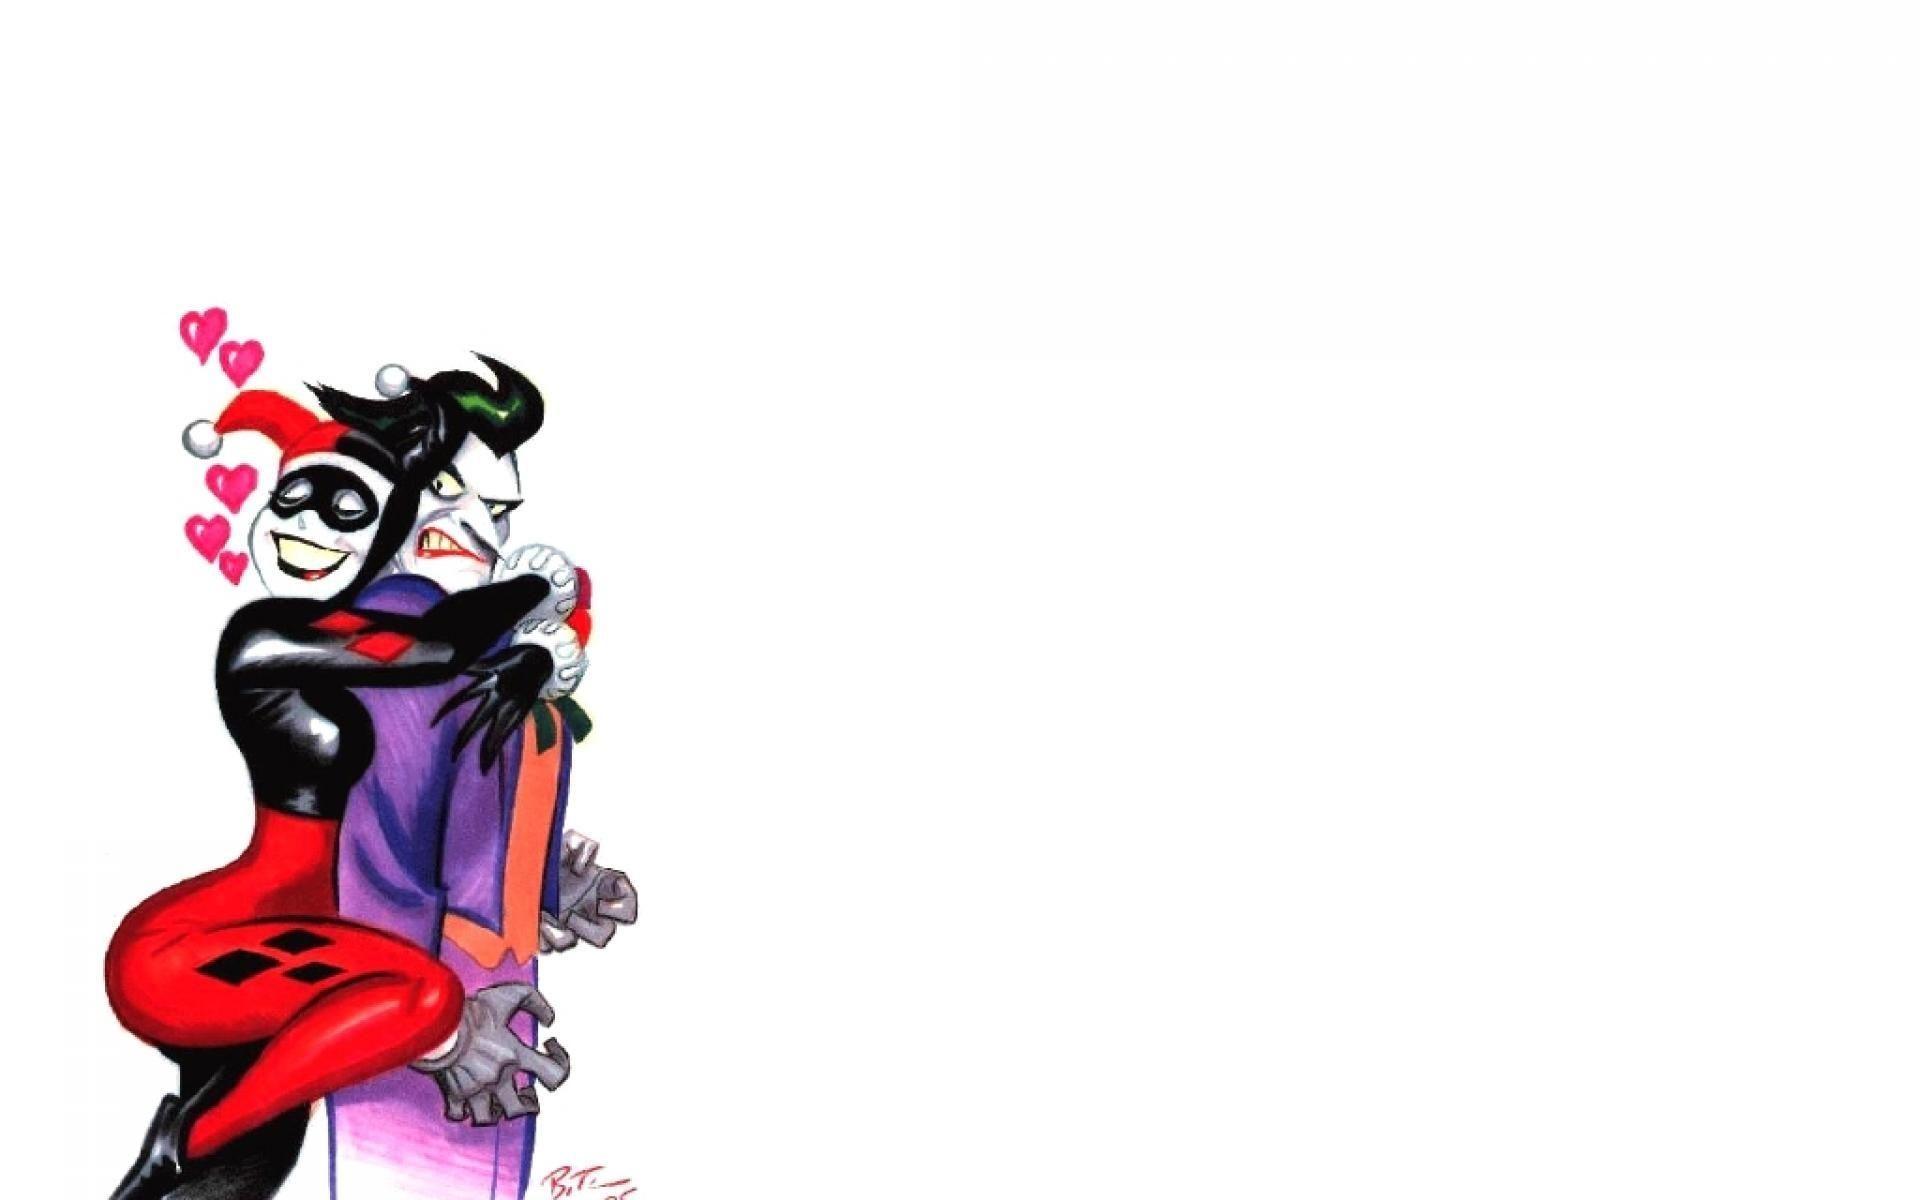 Joker and Harley Quinn Wallpaper ·①